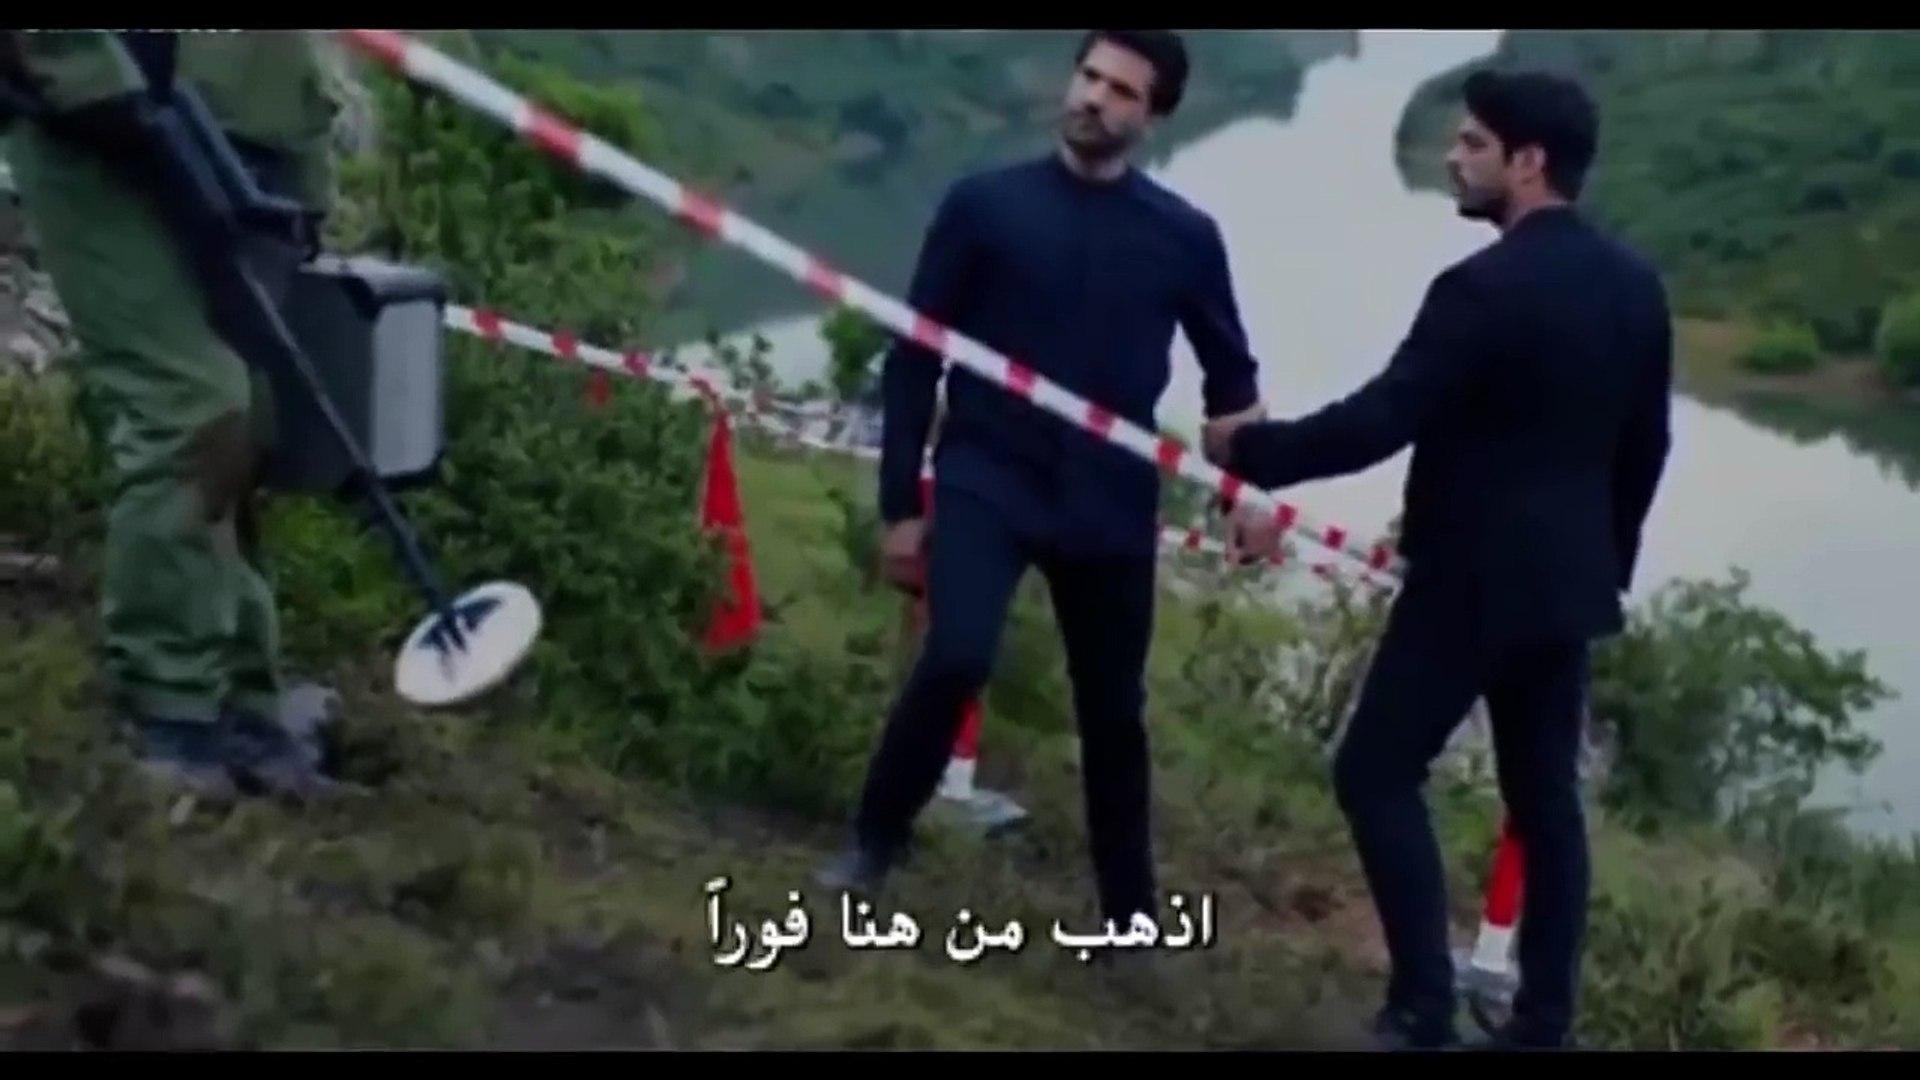 شاهد الحلقة الاخيرة من مسلسل حب اعمى أحداث متيرة و موت كمال